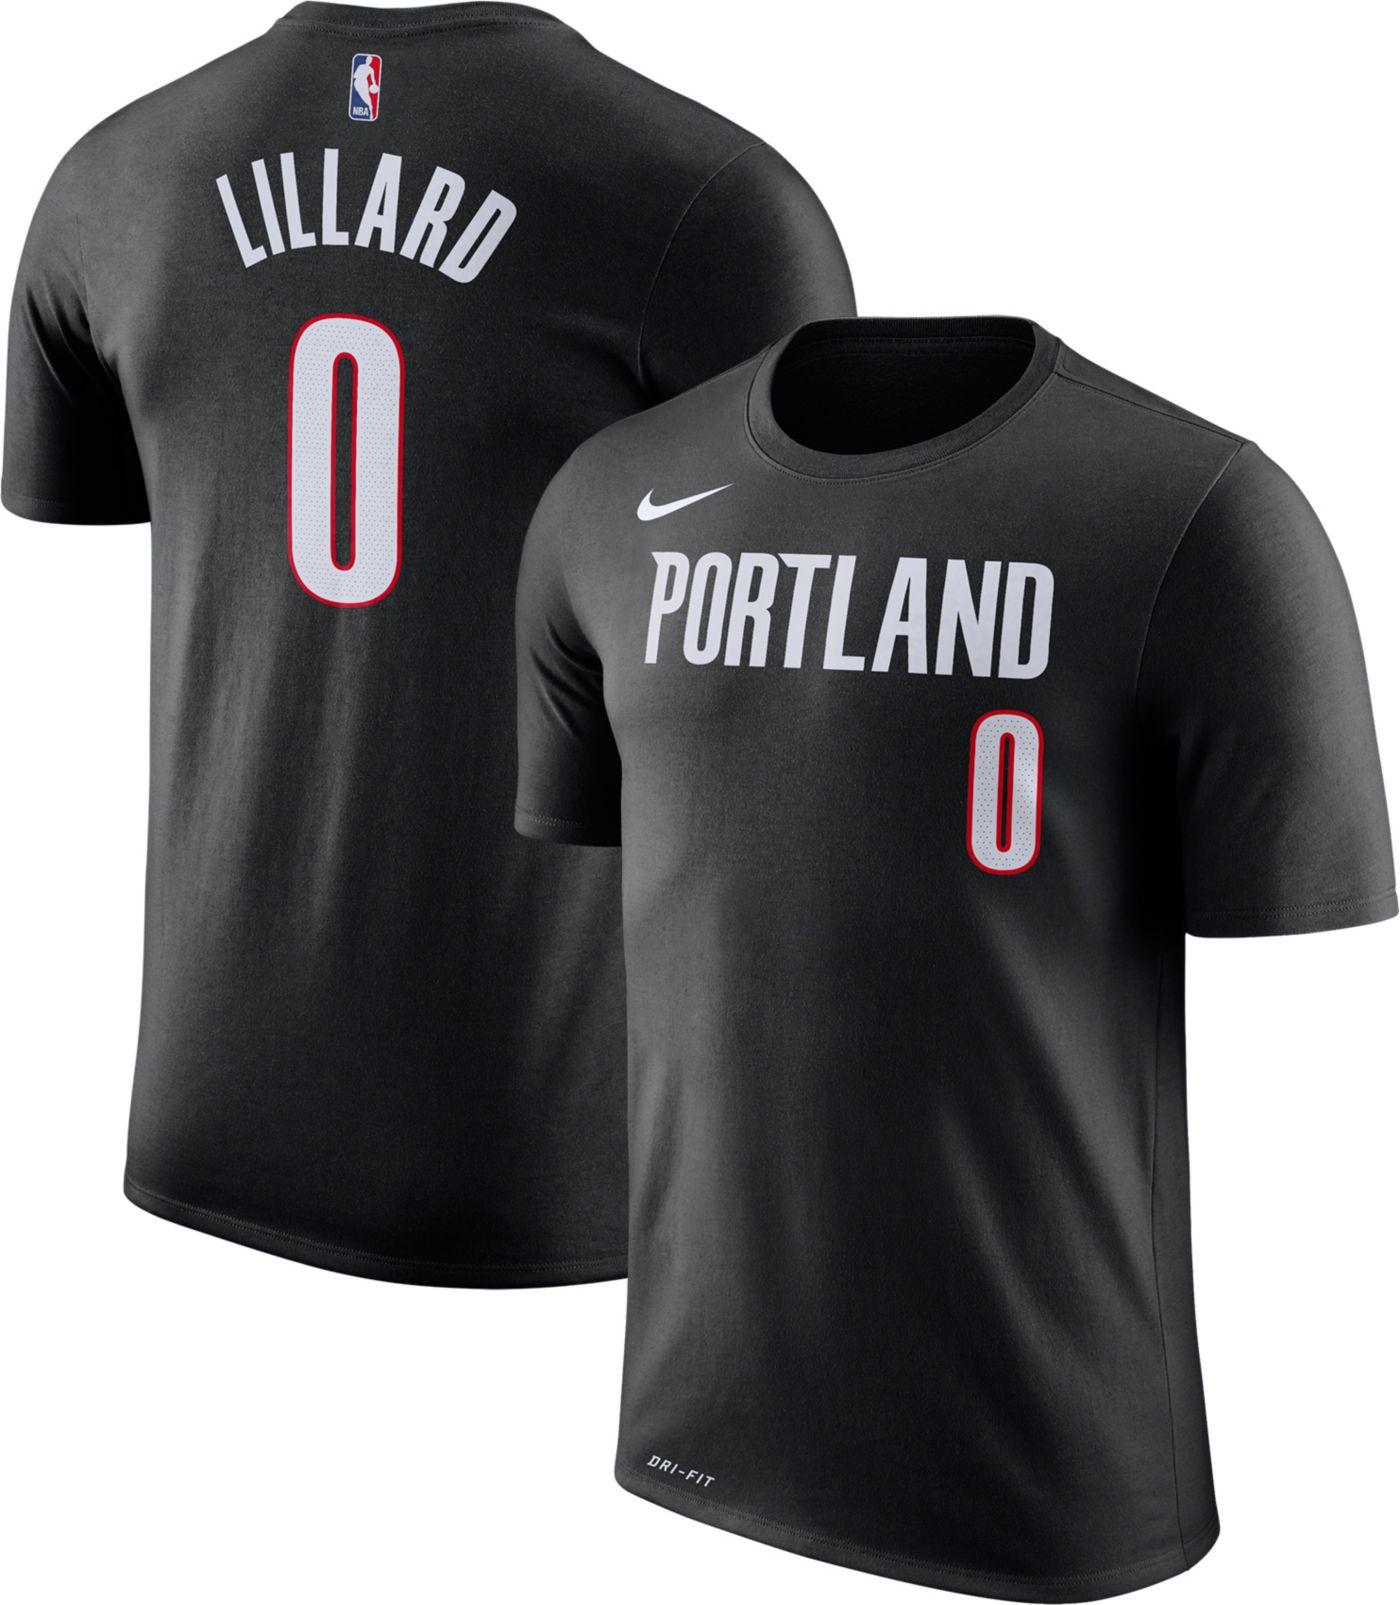 Nike Youth Portland Trail Blazers Damian Lillard #0 Dri-FIT Black T-Shirt